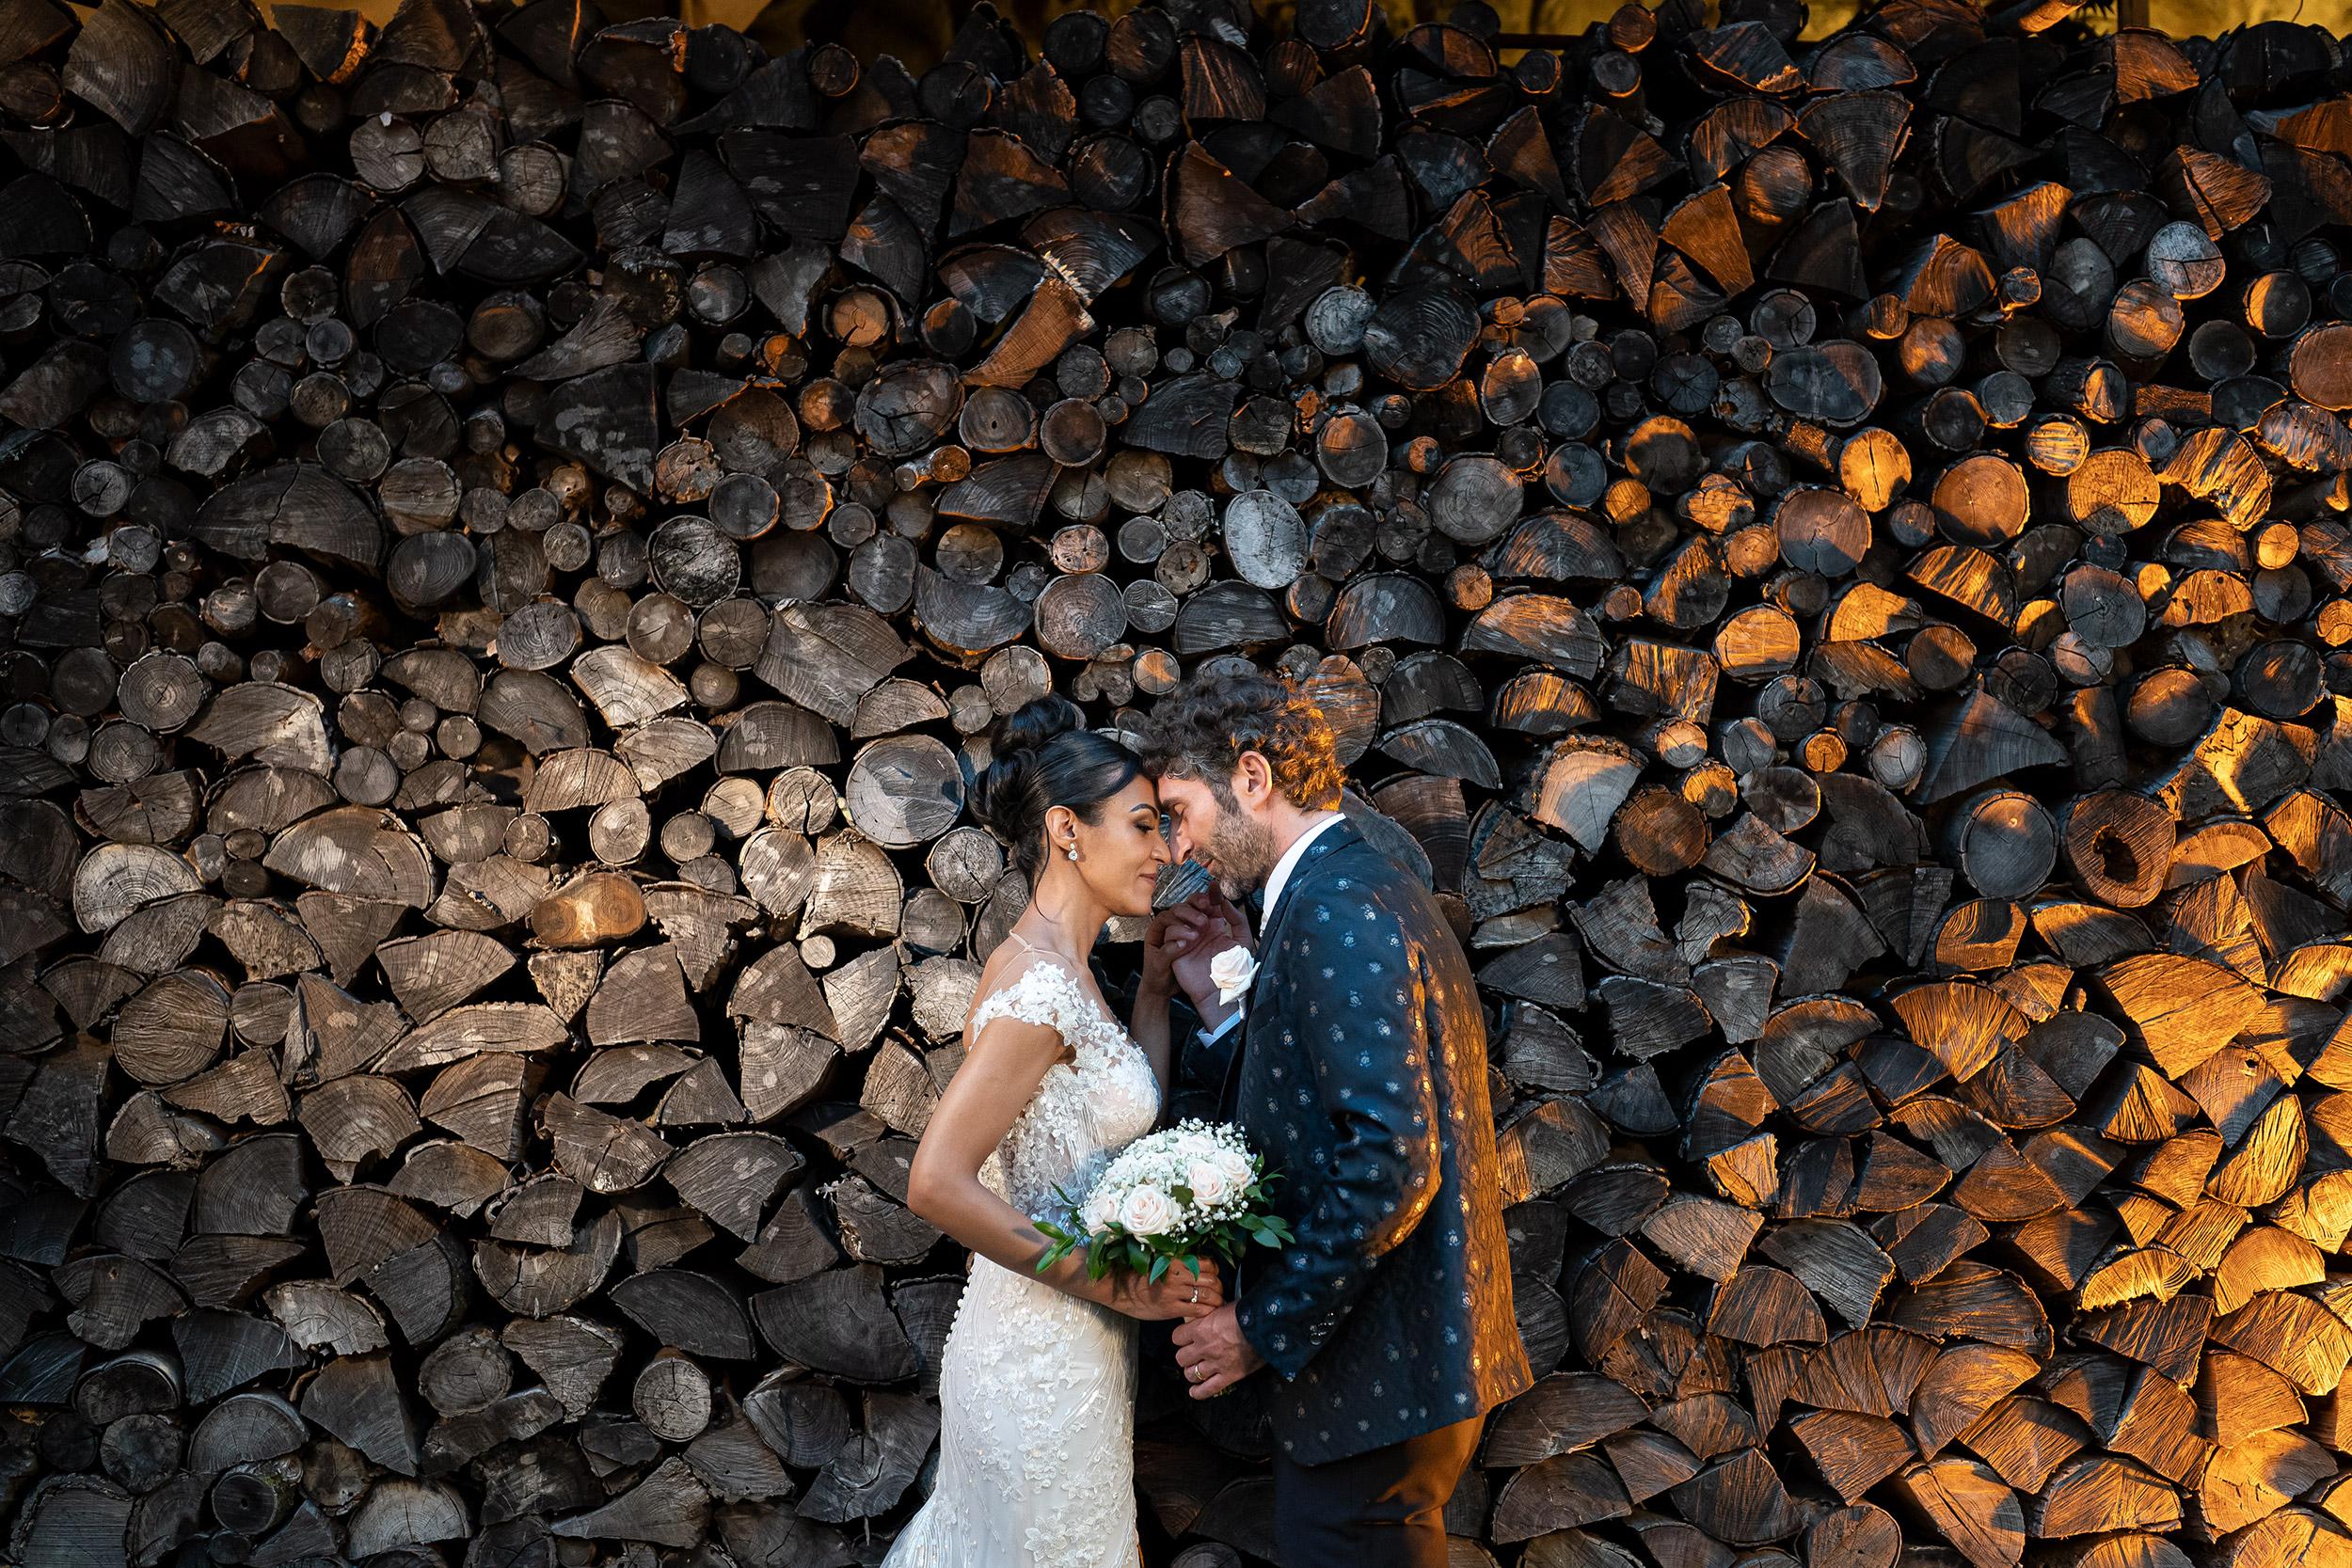 000 fotografo matrimonio reportage wedding sposi ritratto castello rossino calolziocorte lecco lago como copia 1